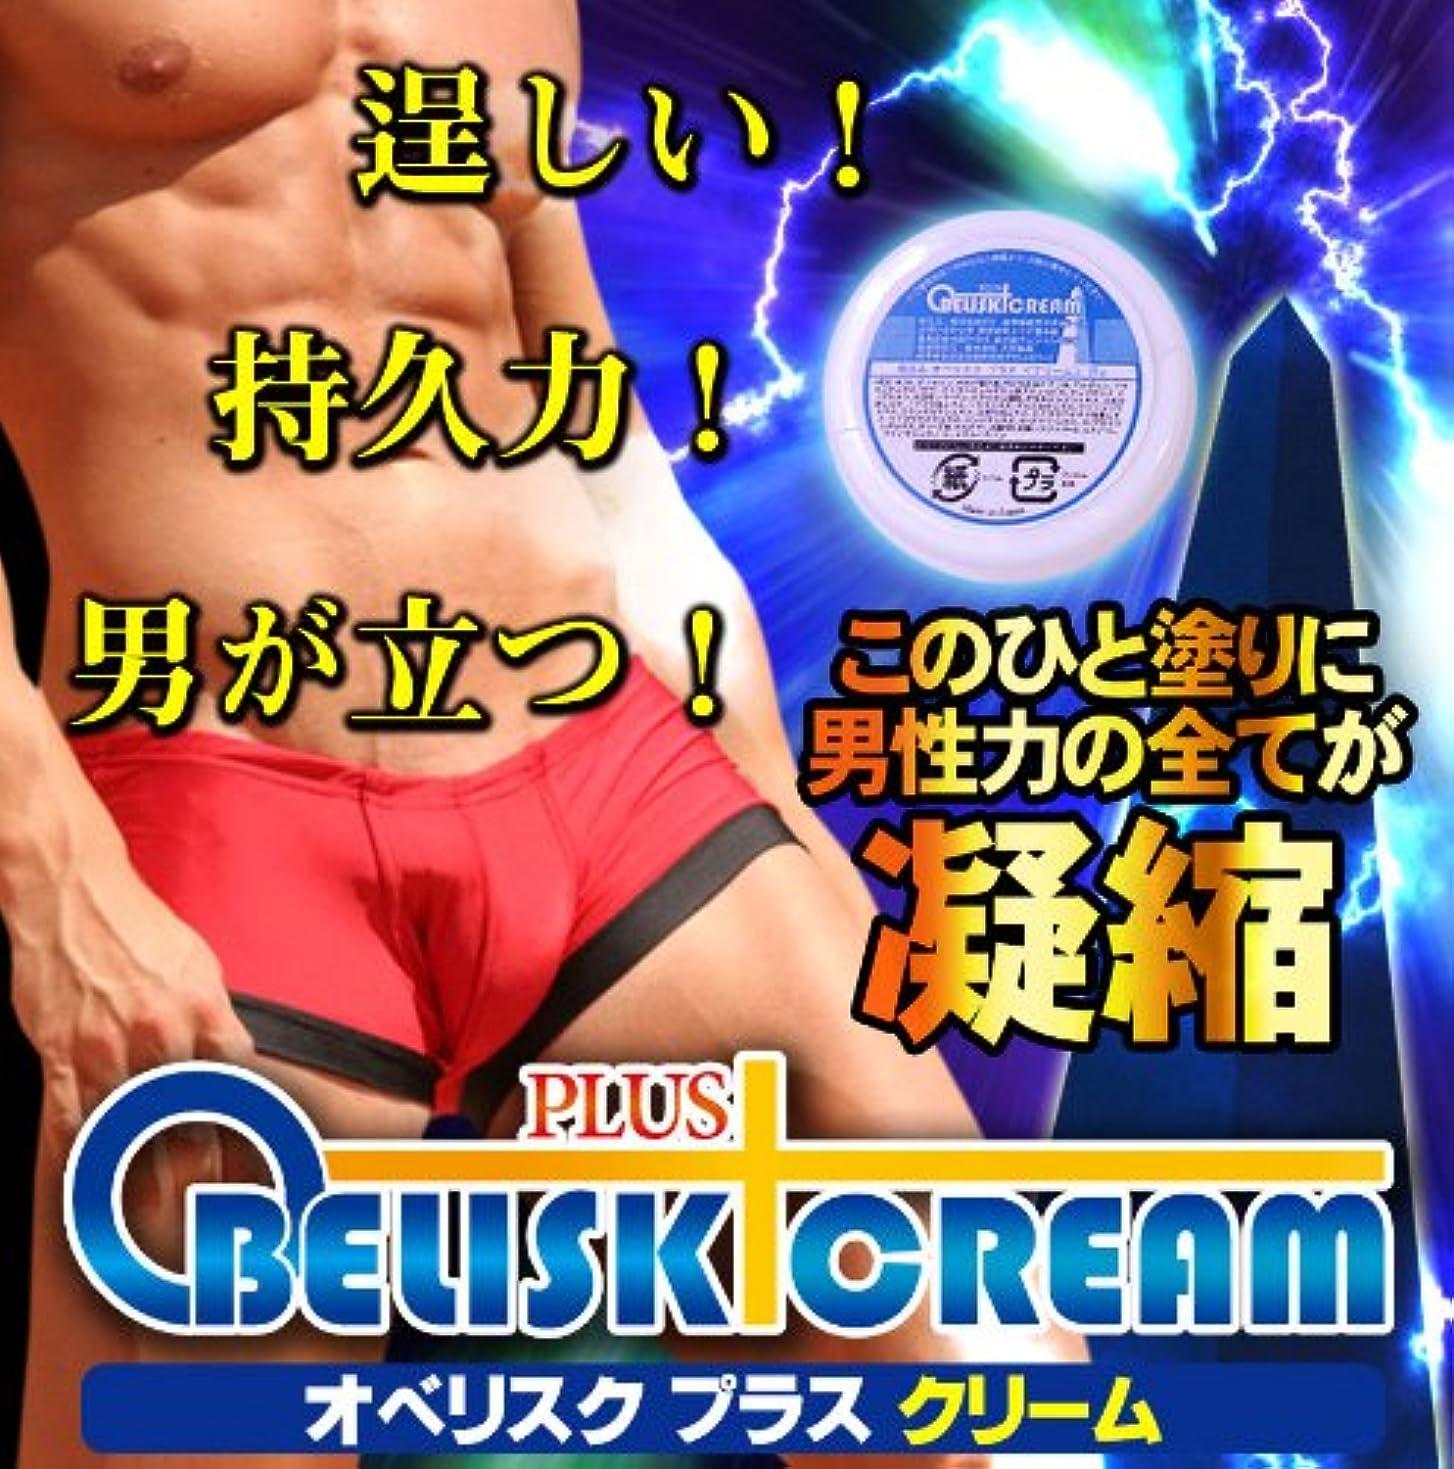 あいまいな証明する例外オベリスクプラスクリーム(男性用持続力コントロールクリーム)